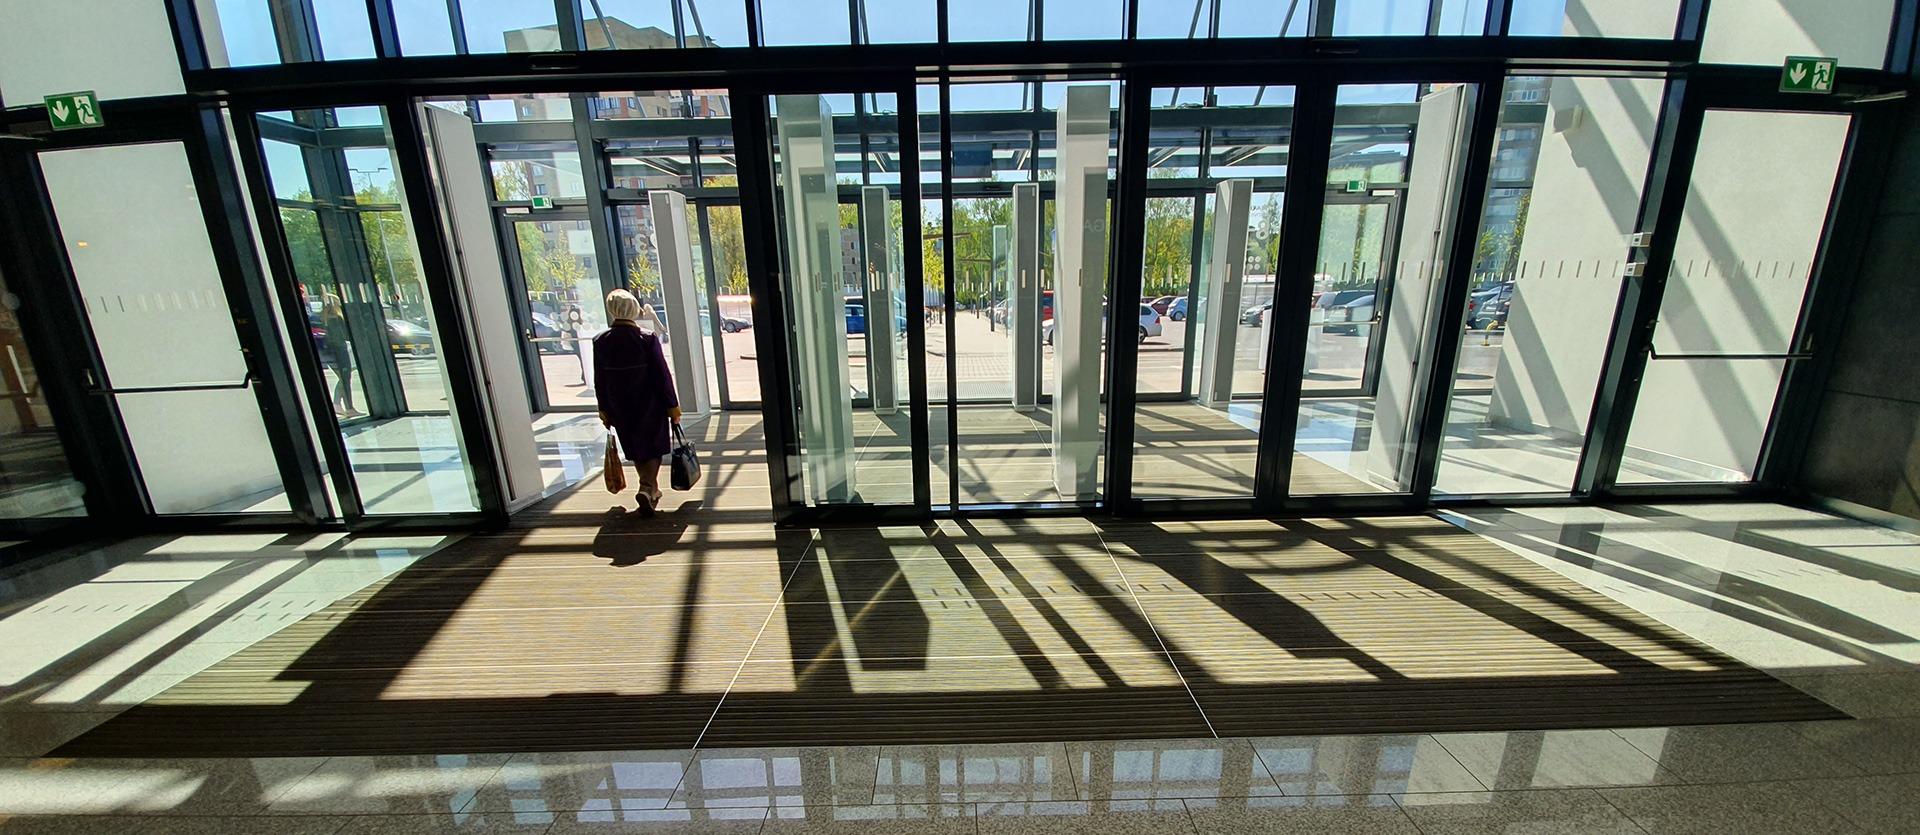 Duplo entrance